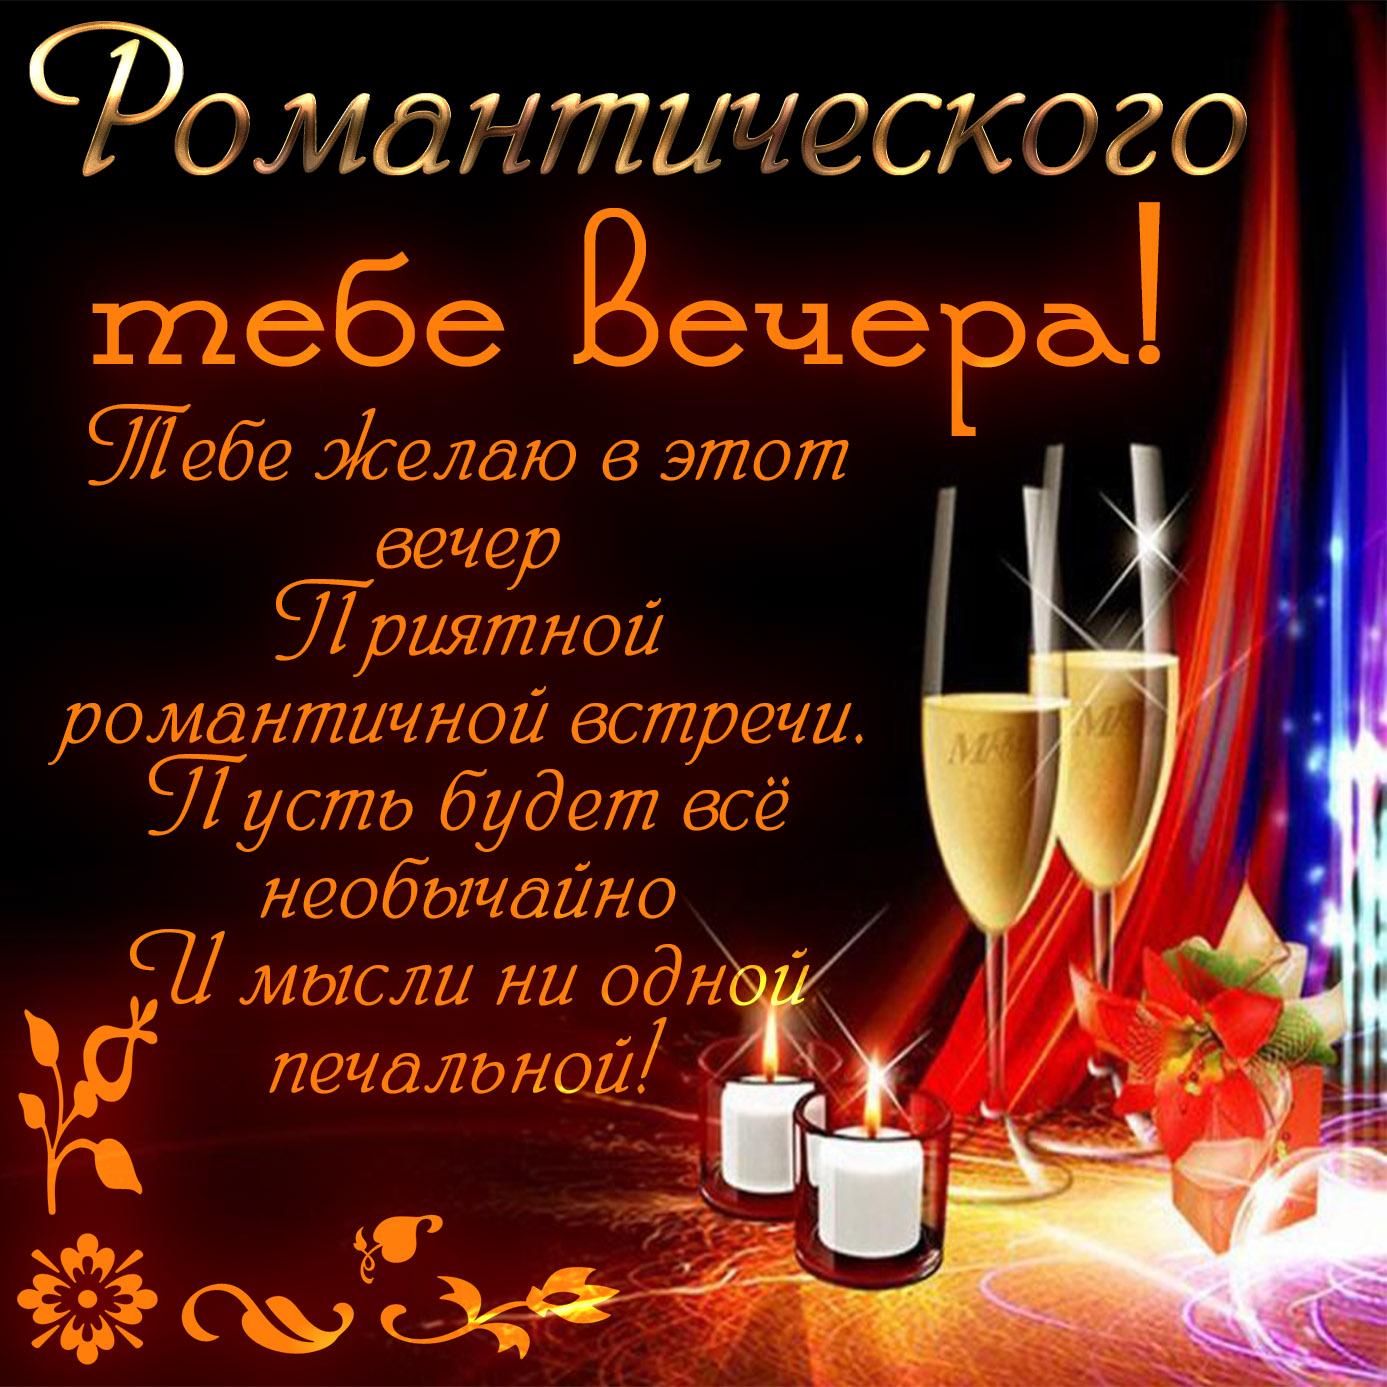 Открытки с пожеланием приятного вечера любимому